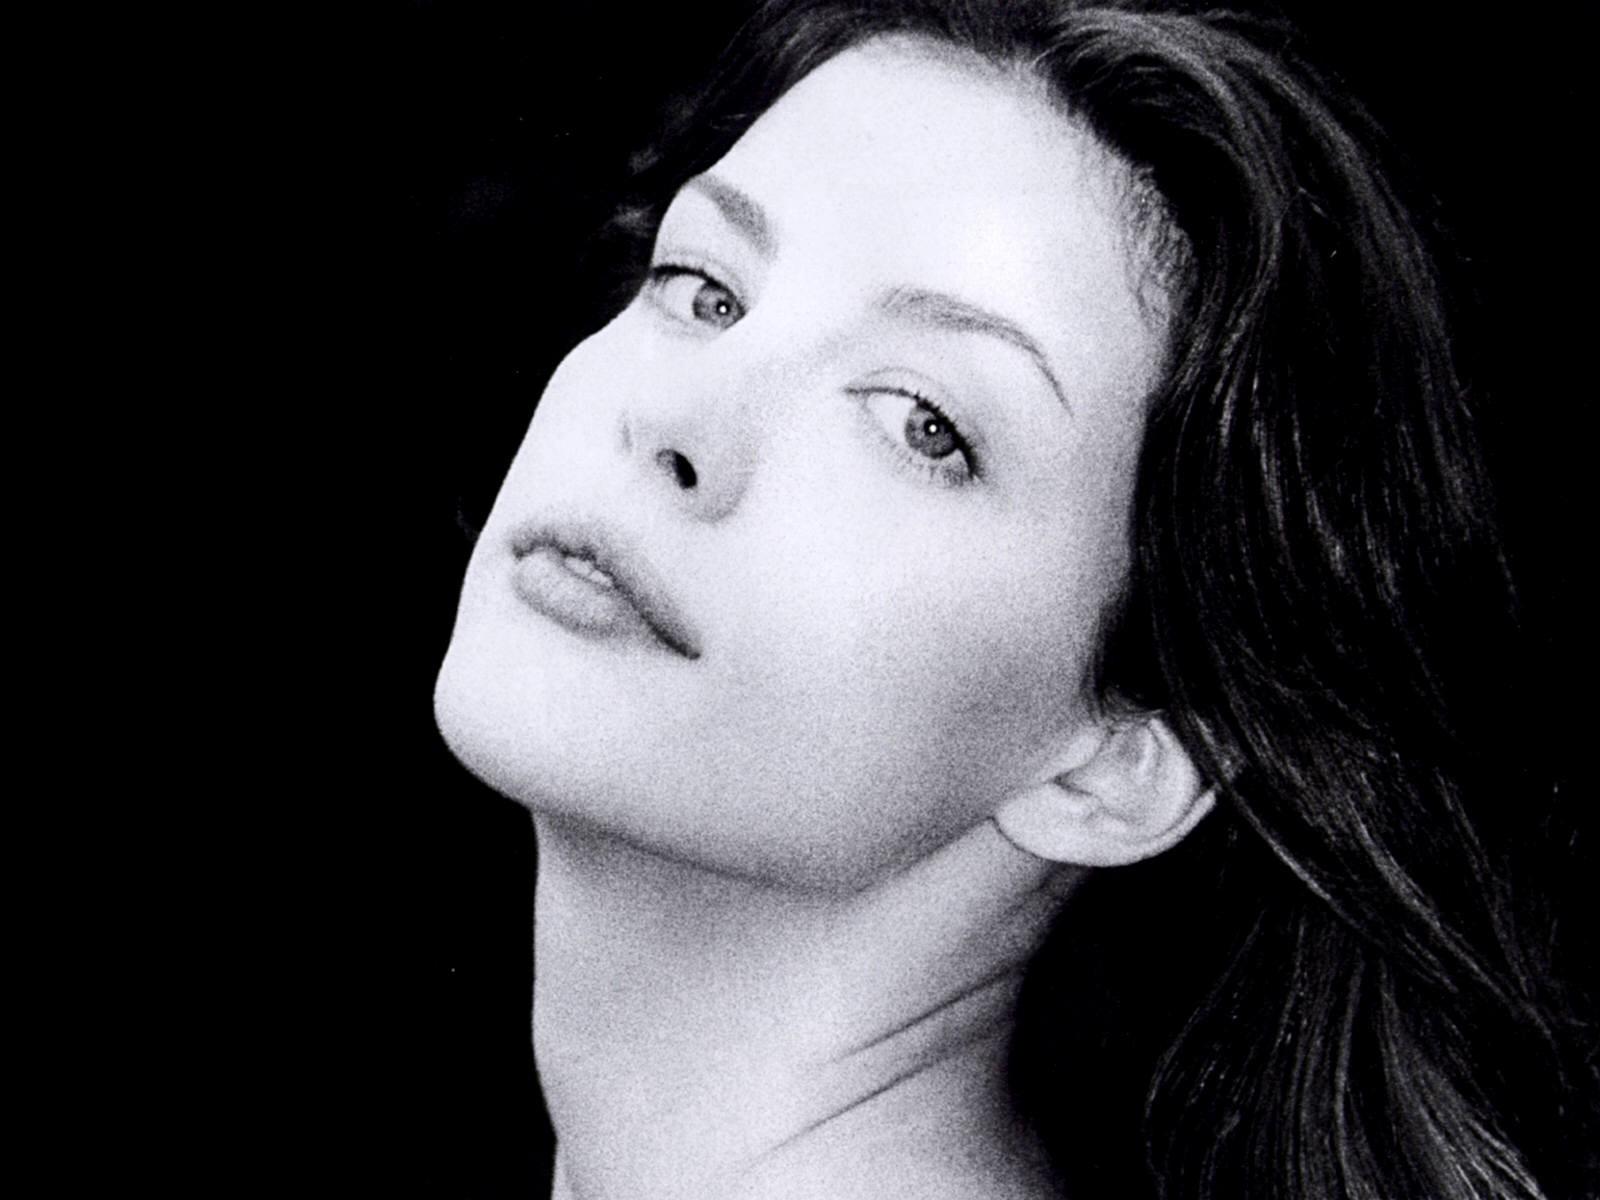 Wallpaper di Liv Tyler con un ritratto in bianco e nero dell'attrice